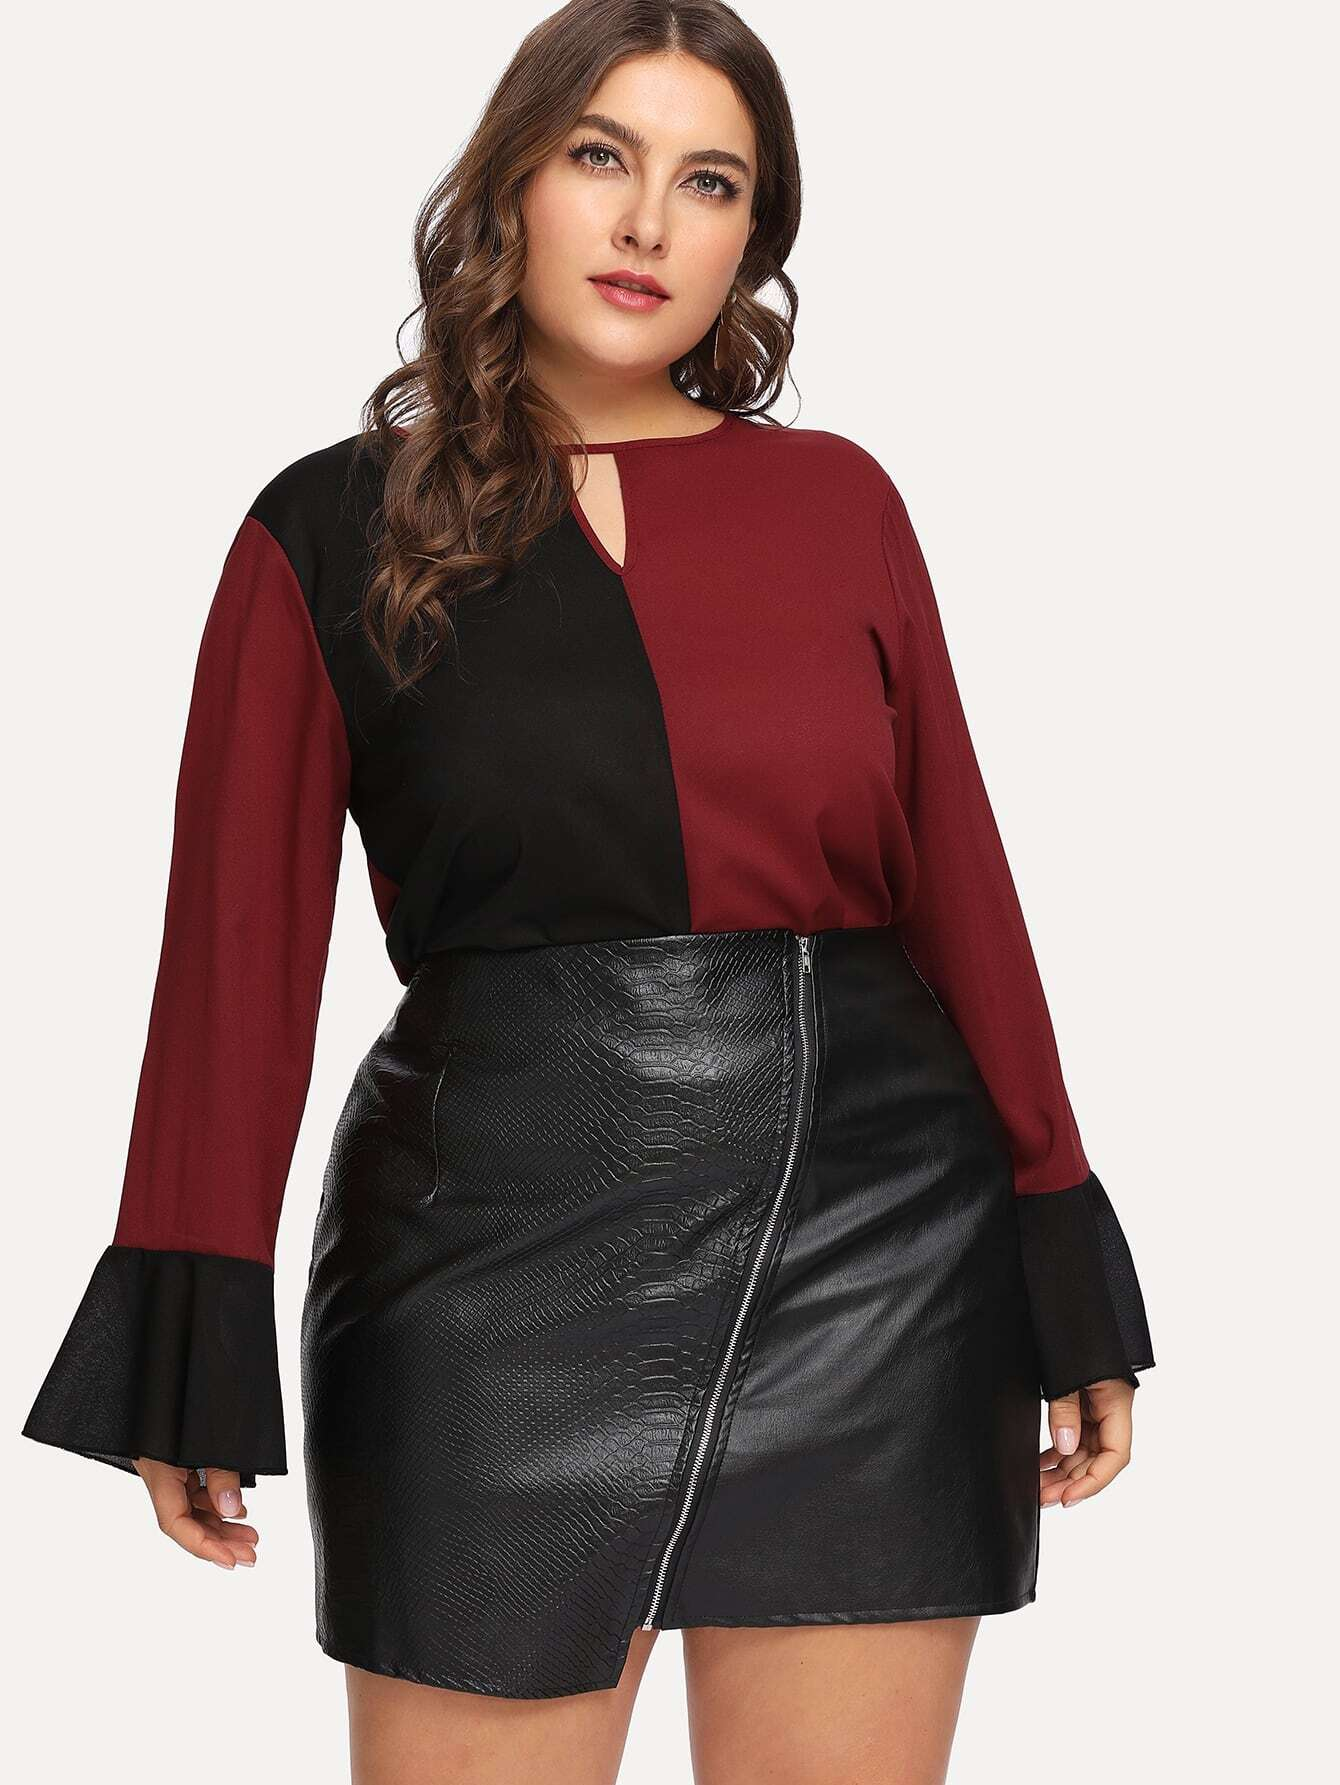 Купить Размера плюс контрастная плоская блуза с оборками на рукавах, Franziska, SheIn